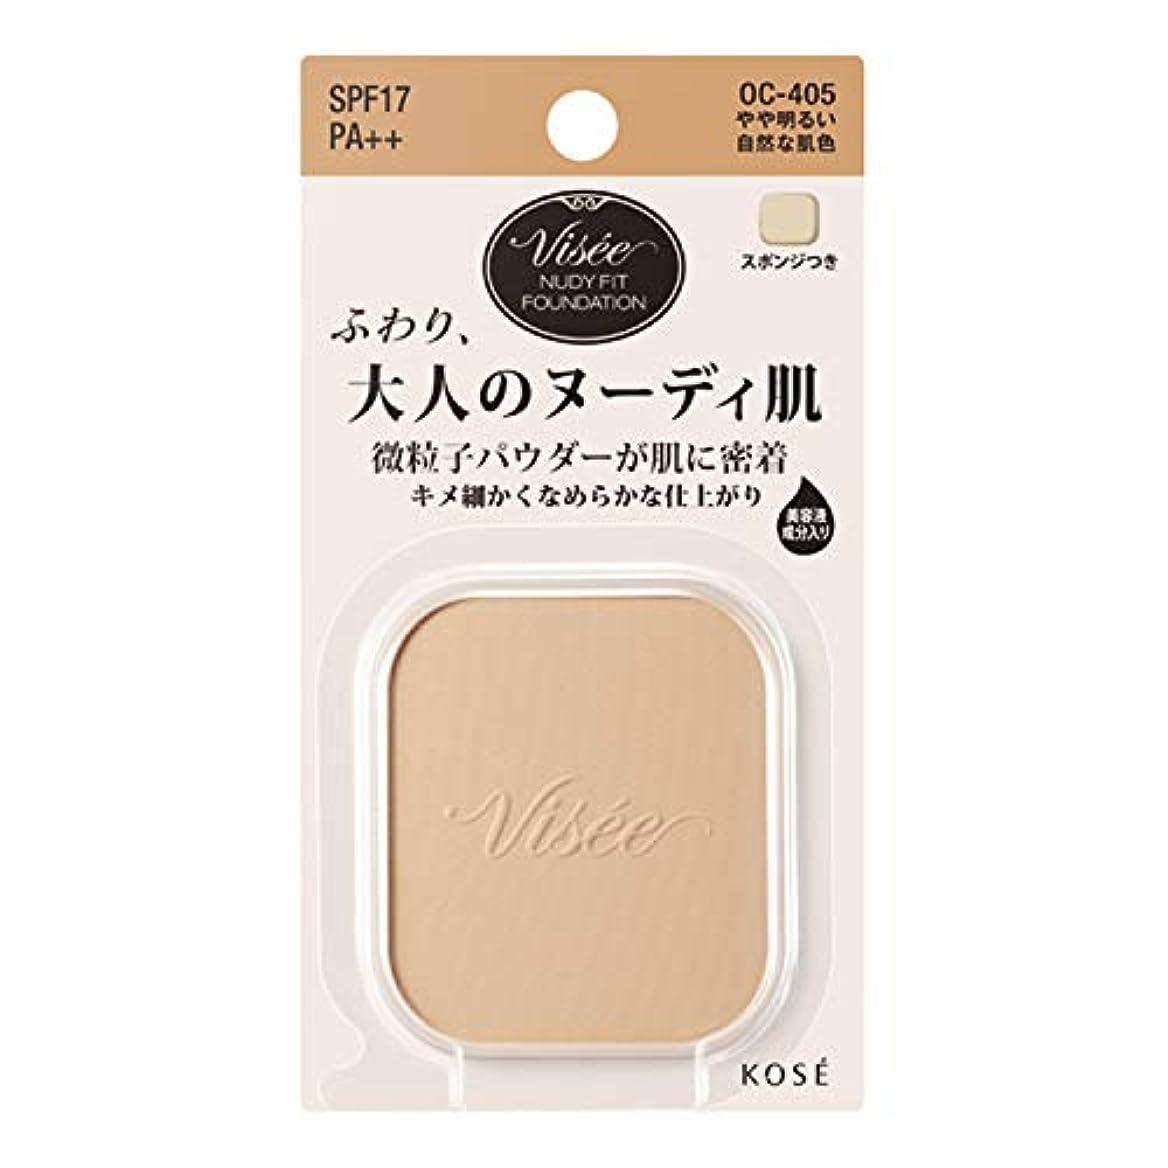 シート明らかにする利点ヴィセ リシェ ヌーディフィット ファンデーション やや明るい自然な肌色 OC-405 10g